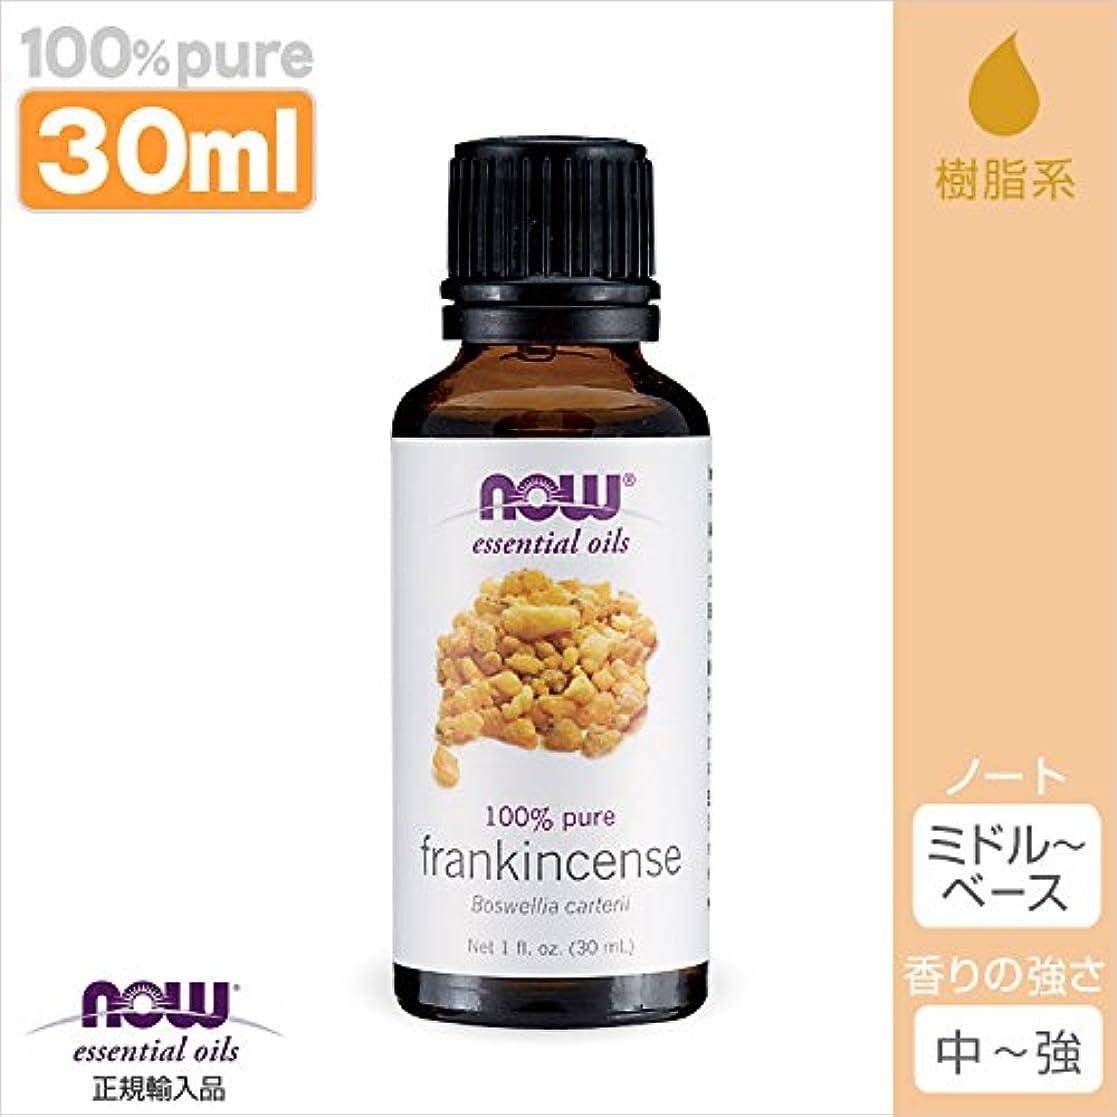 症状ポーズグレーフランキンセンス 精油[30ml]  【正規輸入品】 NOWエッセンシャルオイル(アロマオイル)